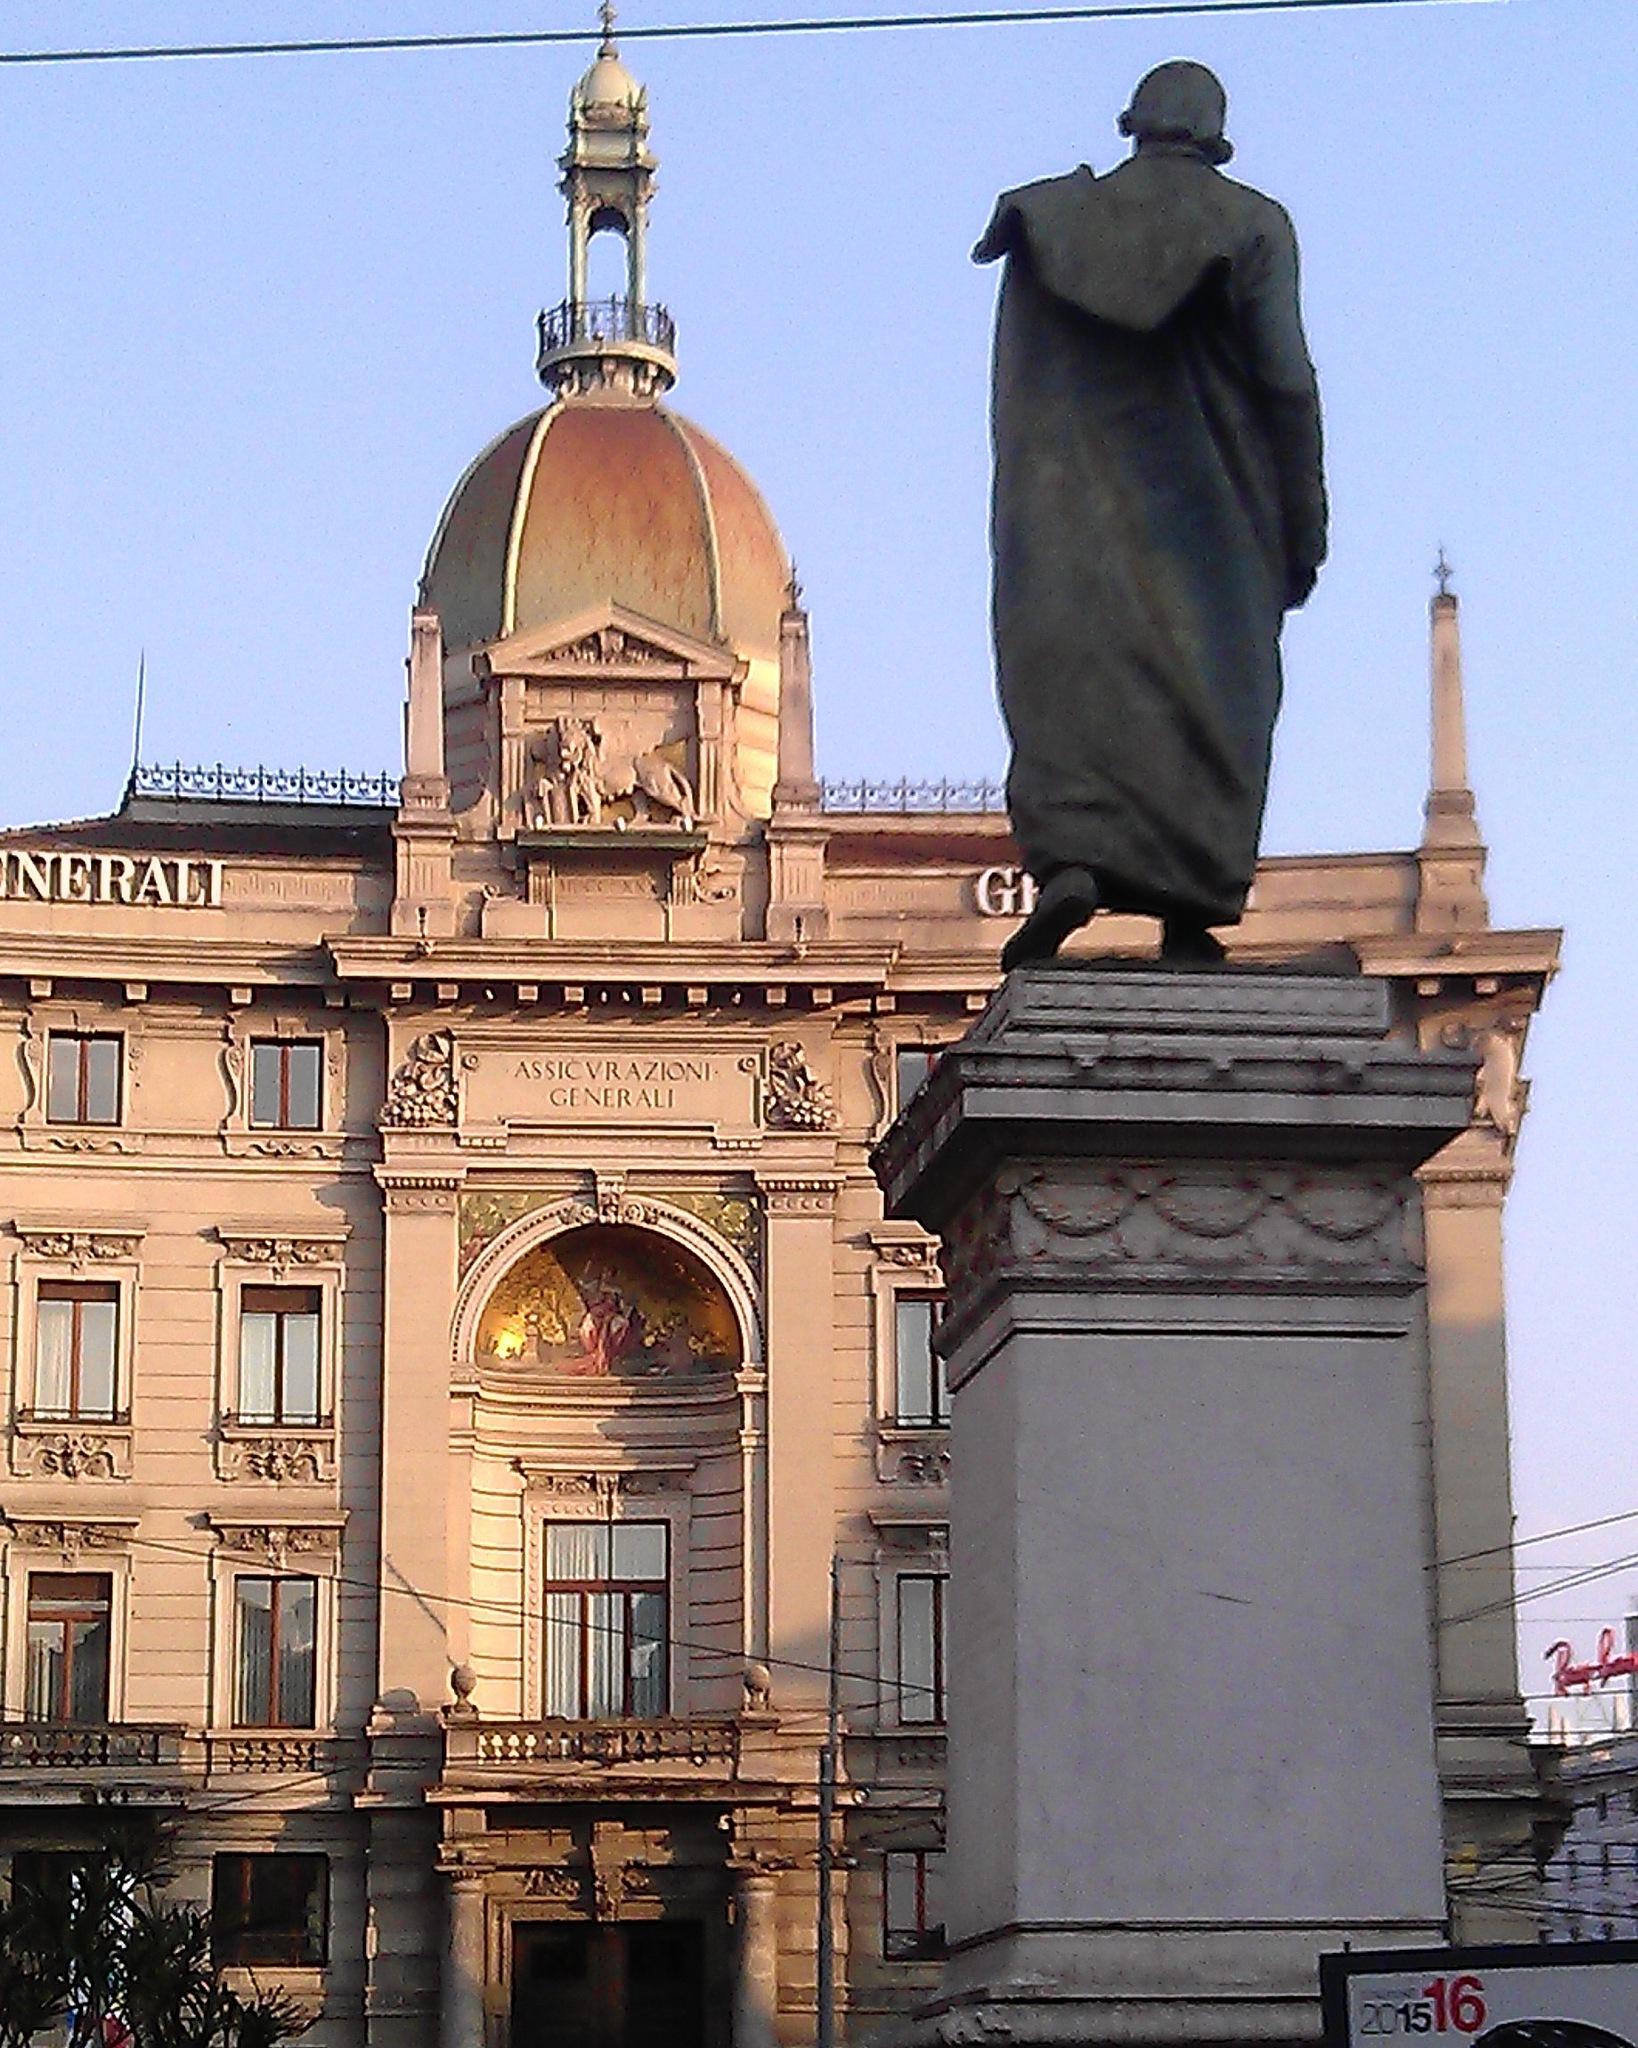 P.za Cordusio Milano, la piazza delle banche. by Paolo Pasquali